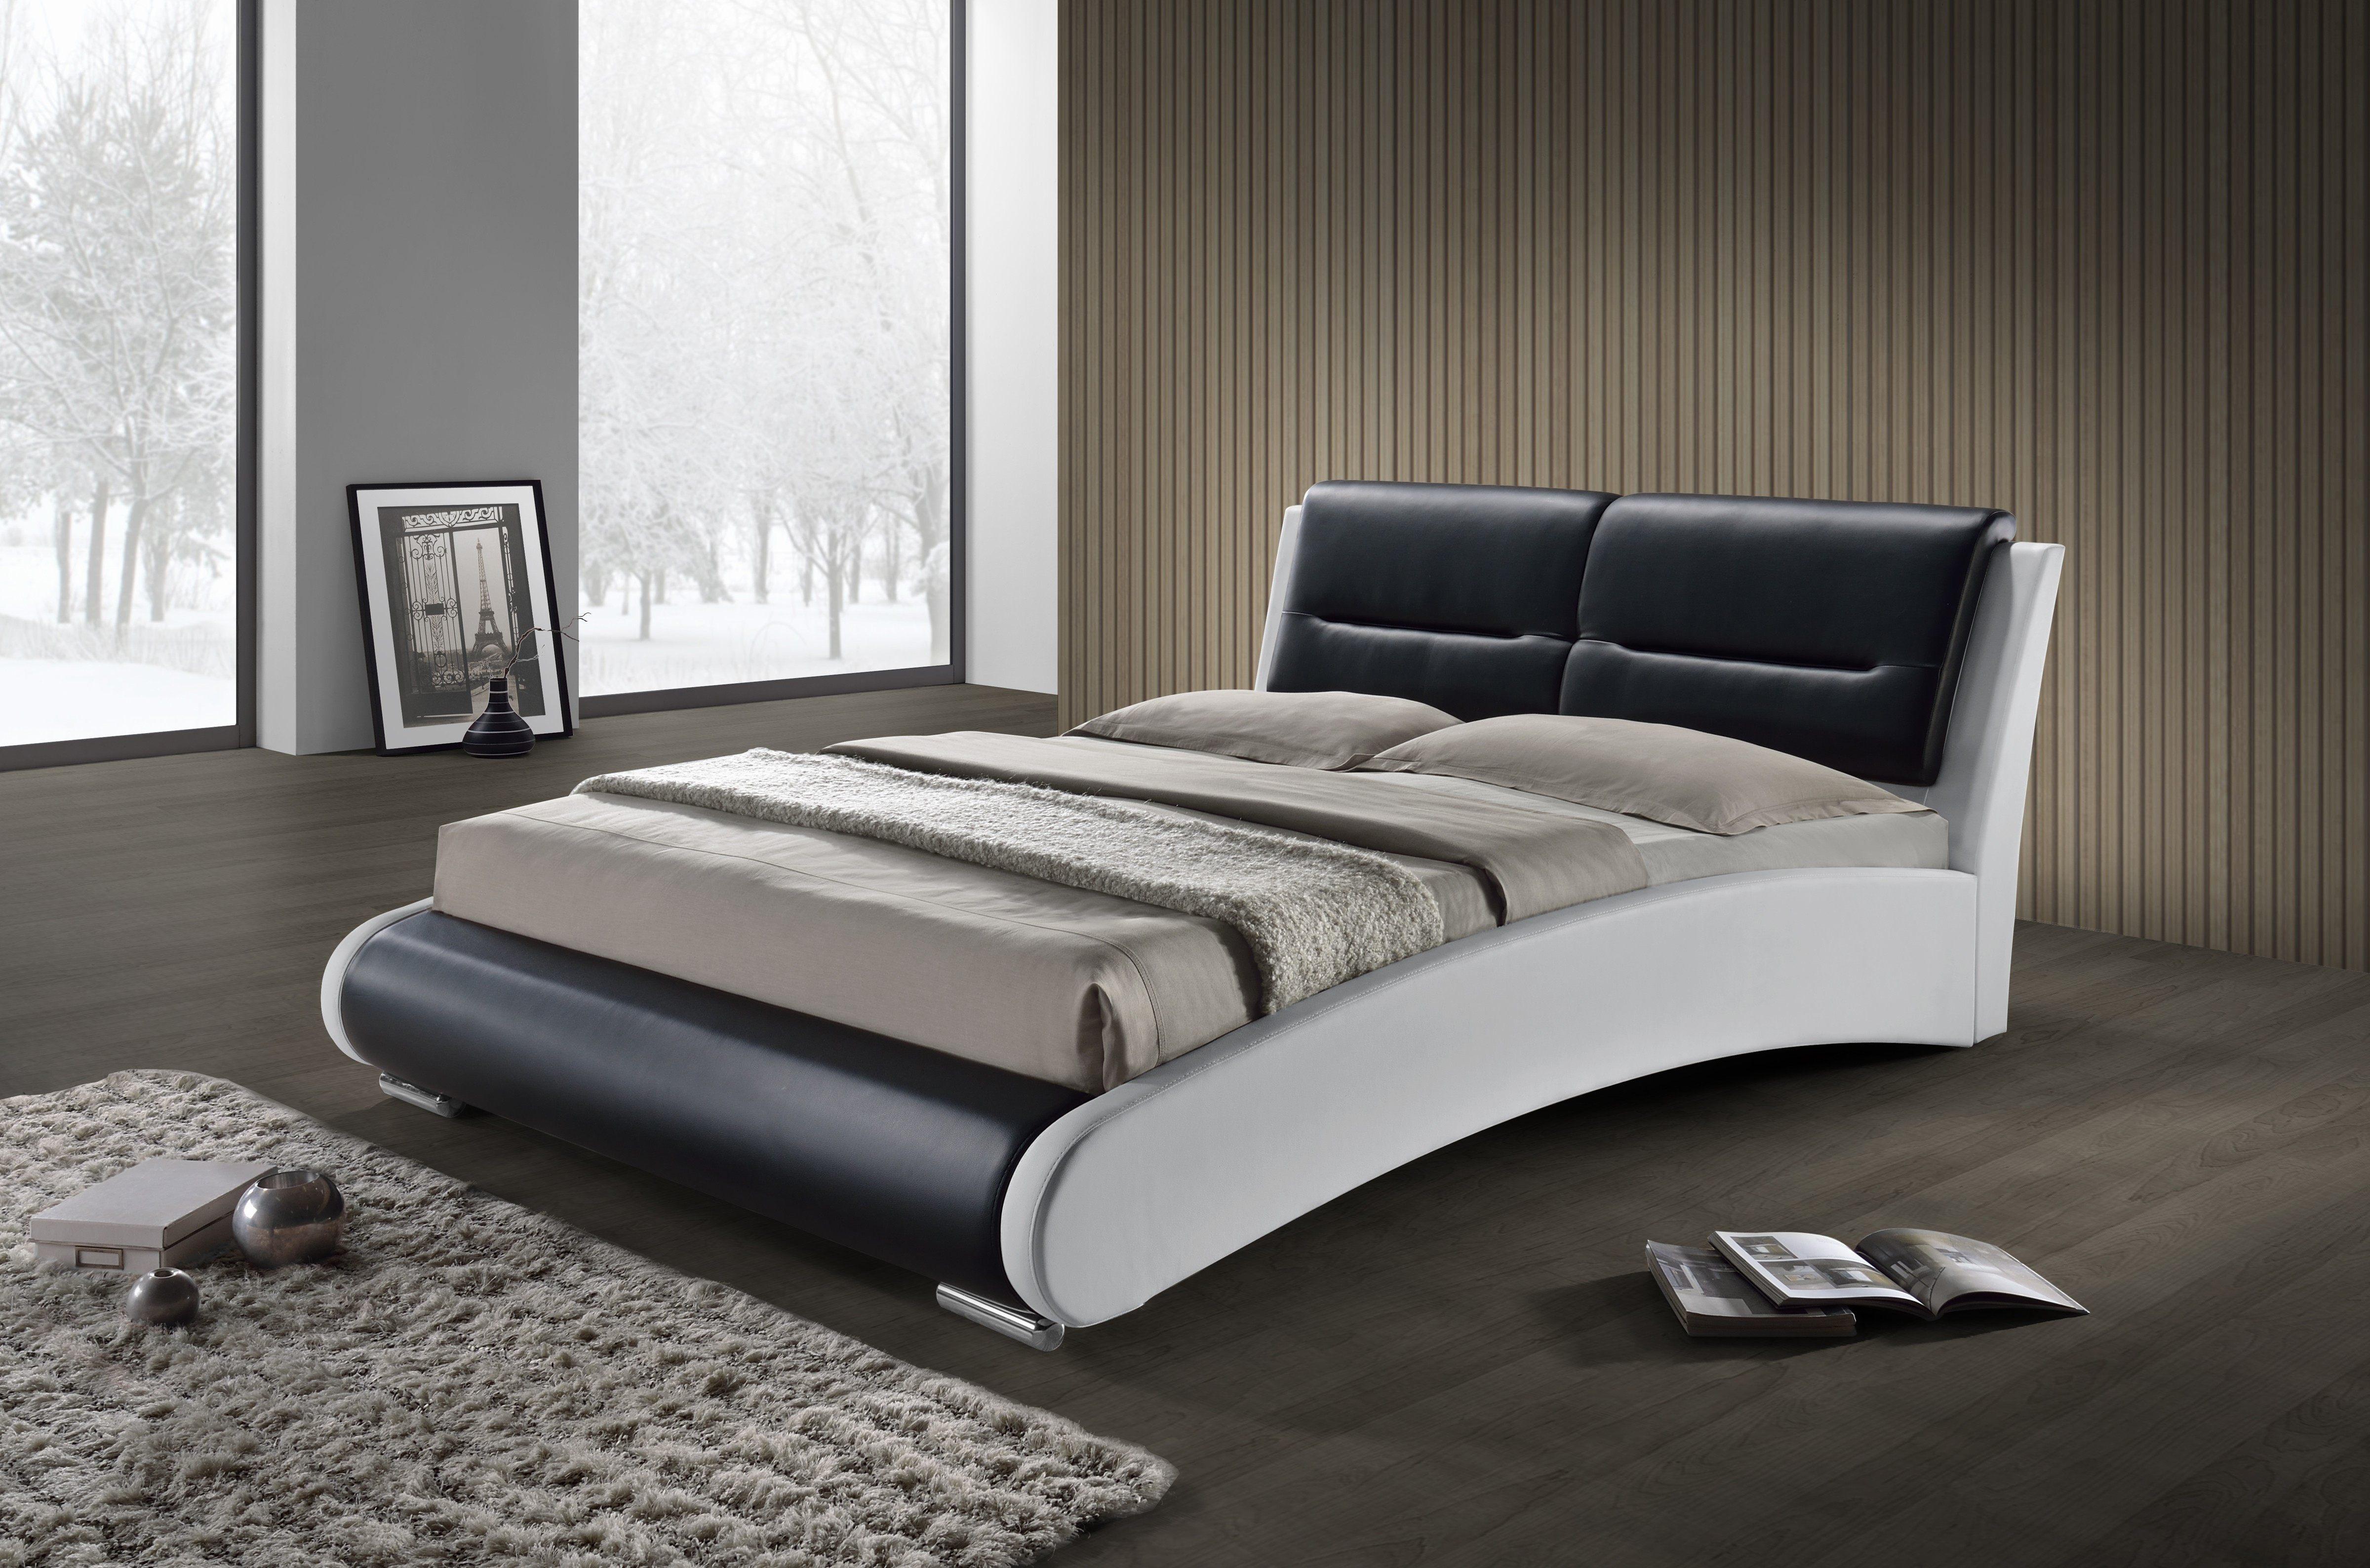 Lit Superposé 3 Couchages Charmant Entra Nant Lit Superposé Avec Canapé Sur Lit Biné Armoire Fresh Lit